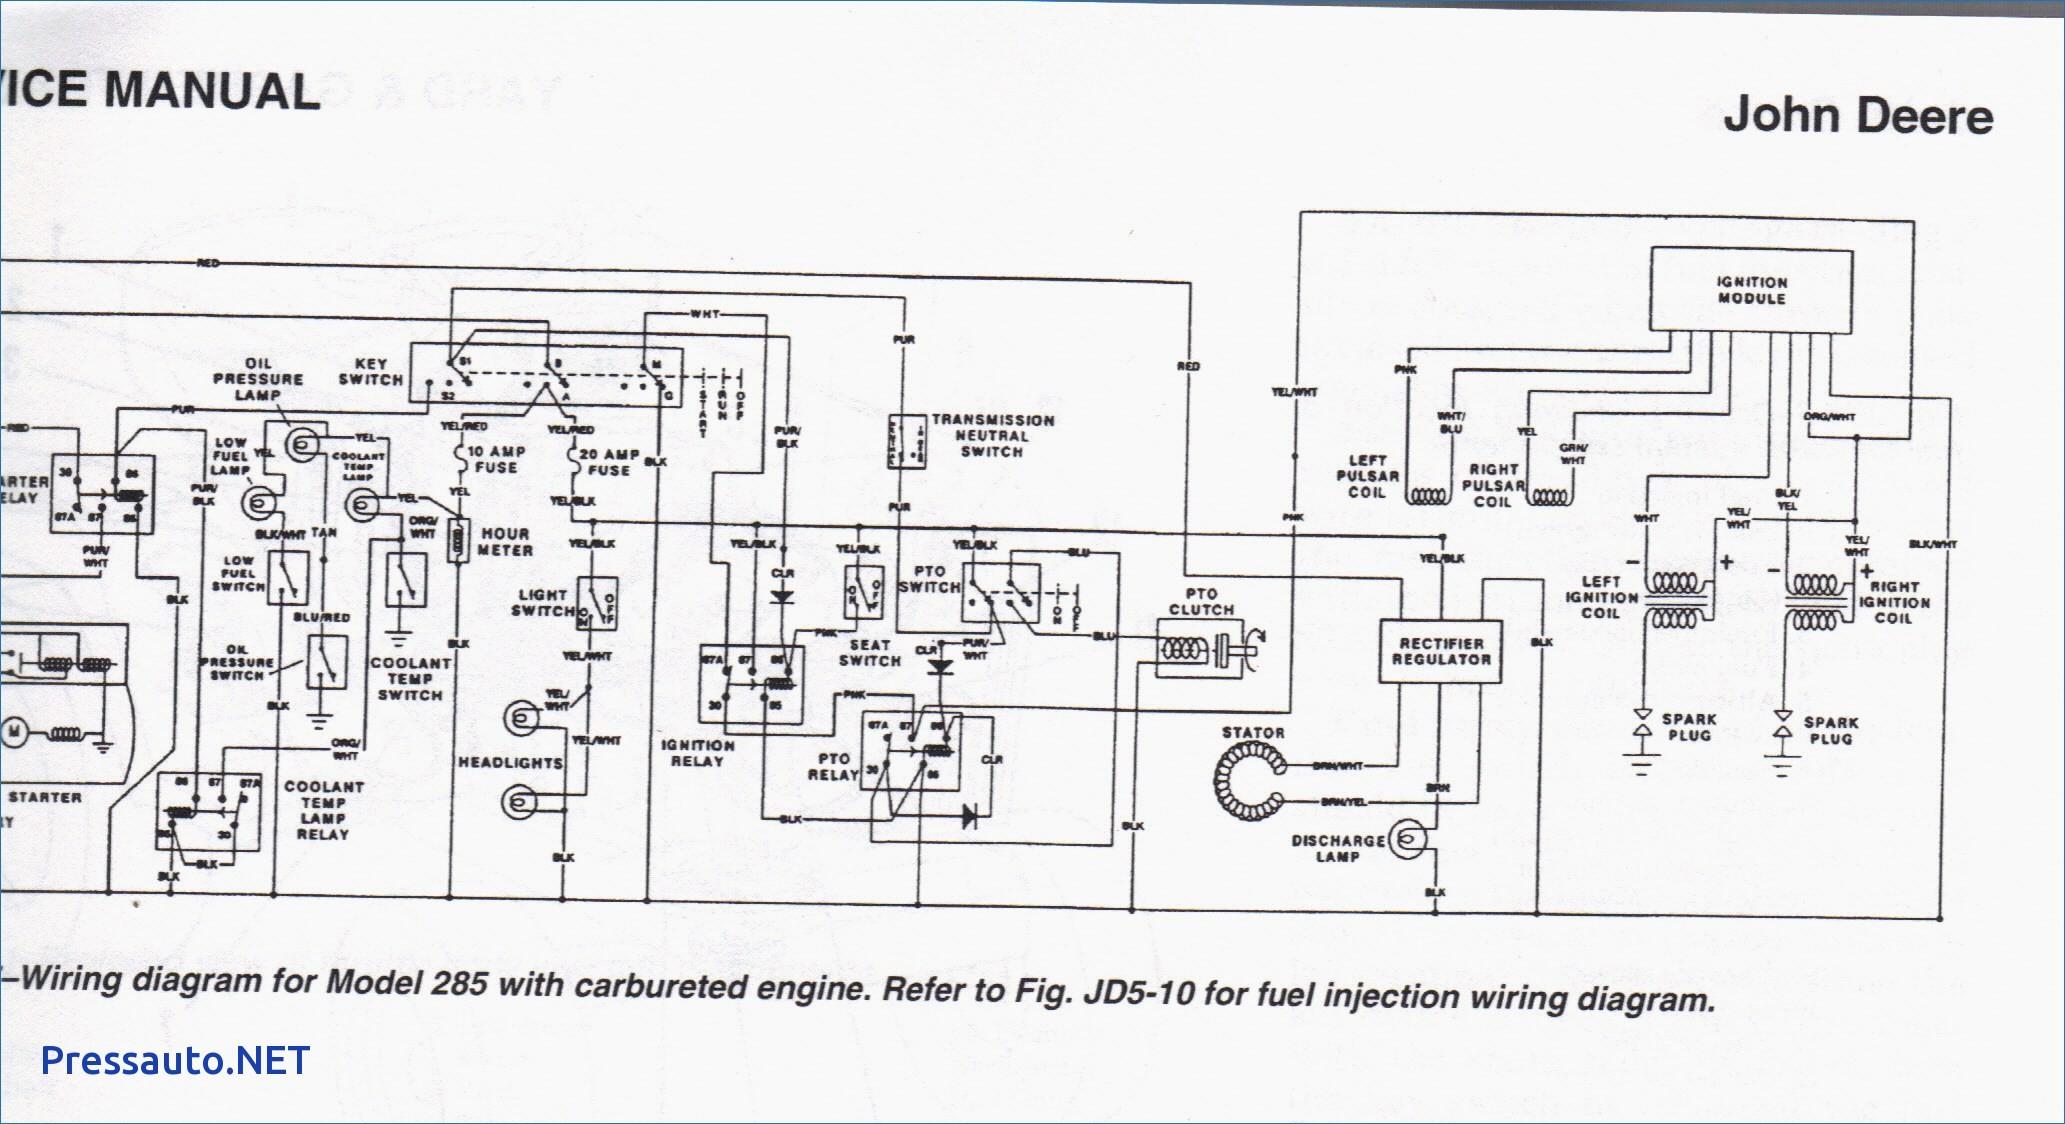 John Deere Lt155 Wiring Diagram Free Download Best 4100